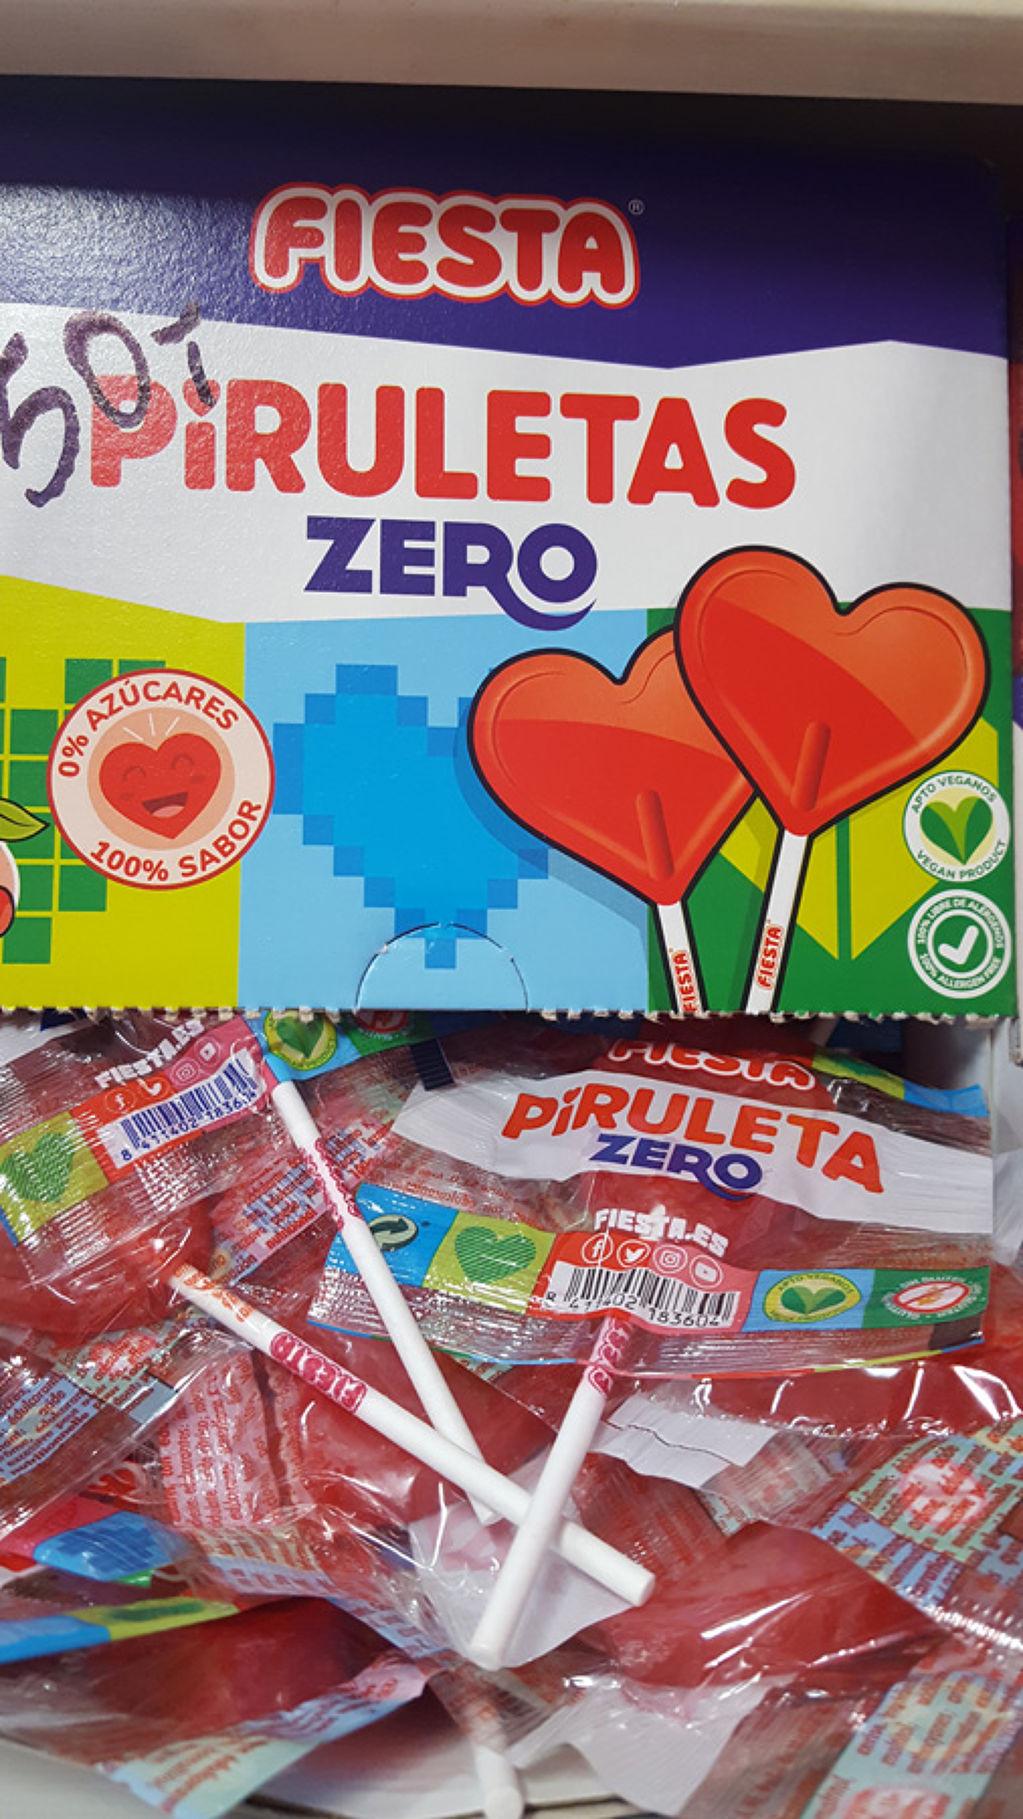 Piruleta Fiesta zero - d382e-20200509_082622.jpg